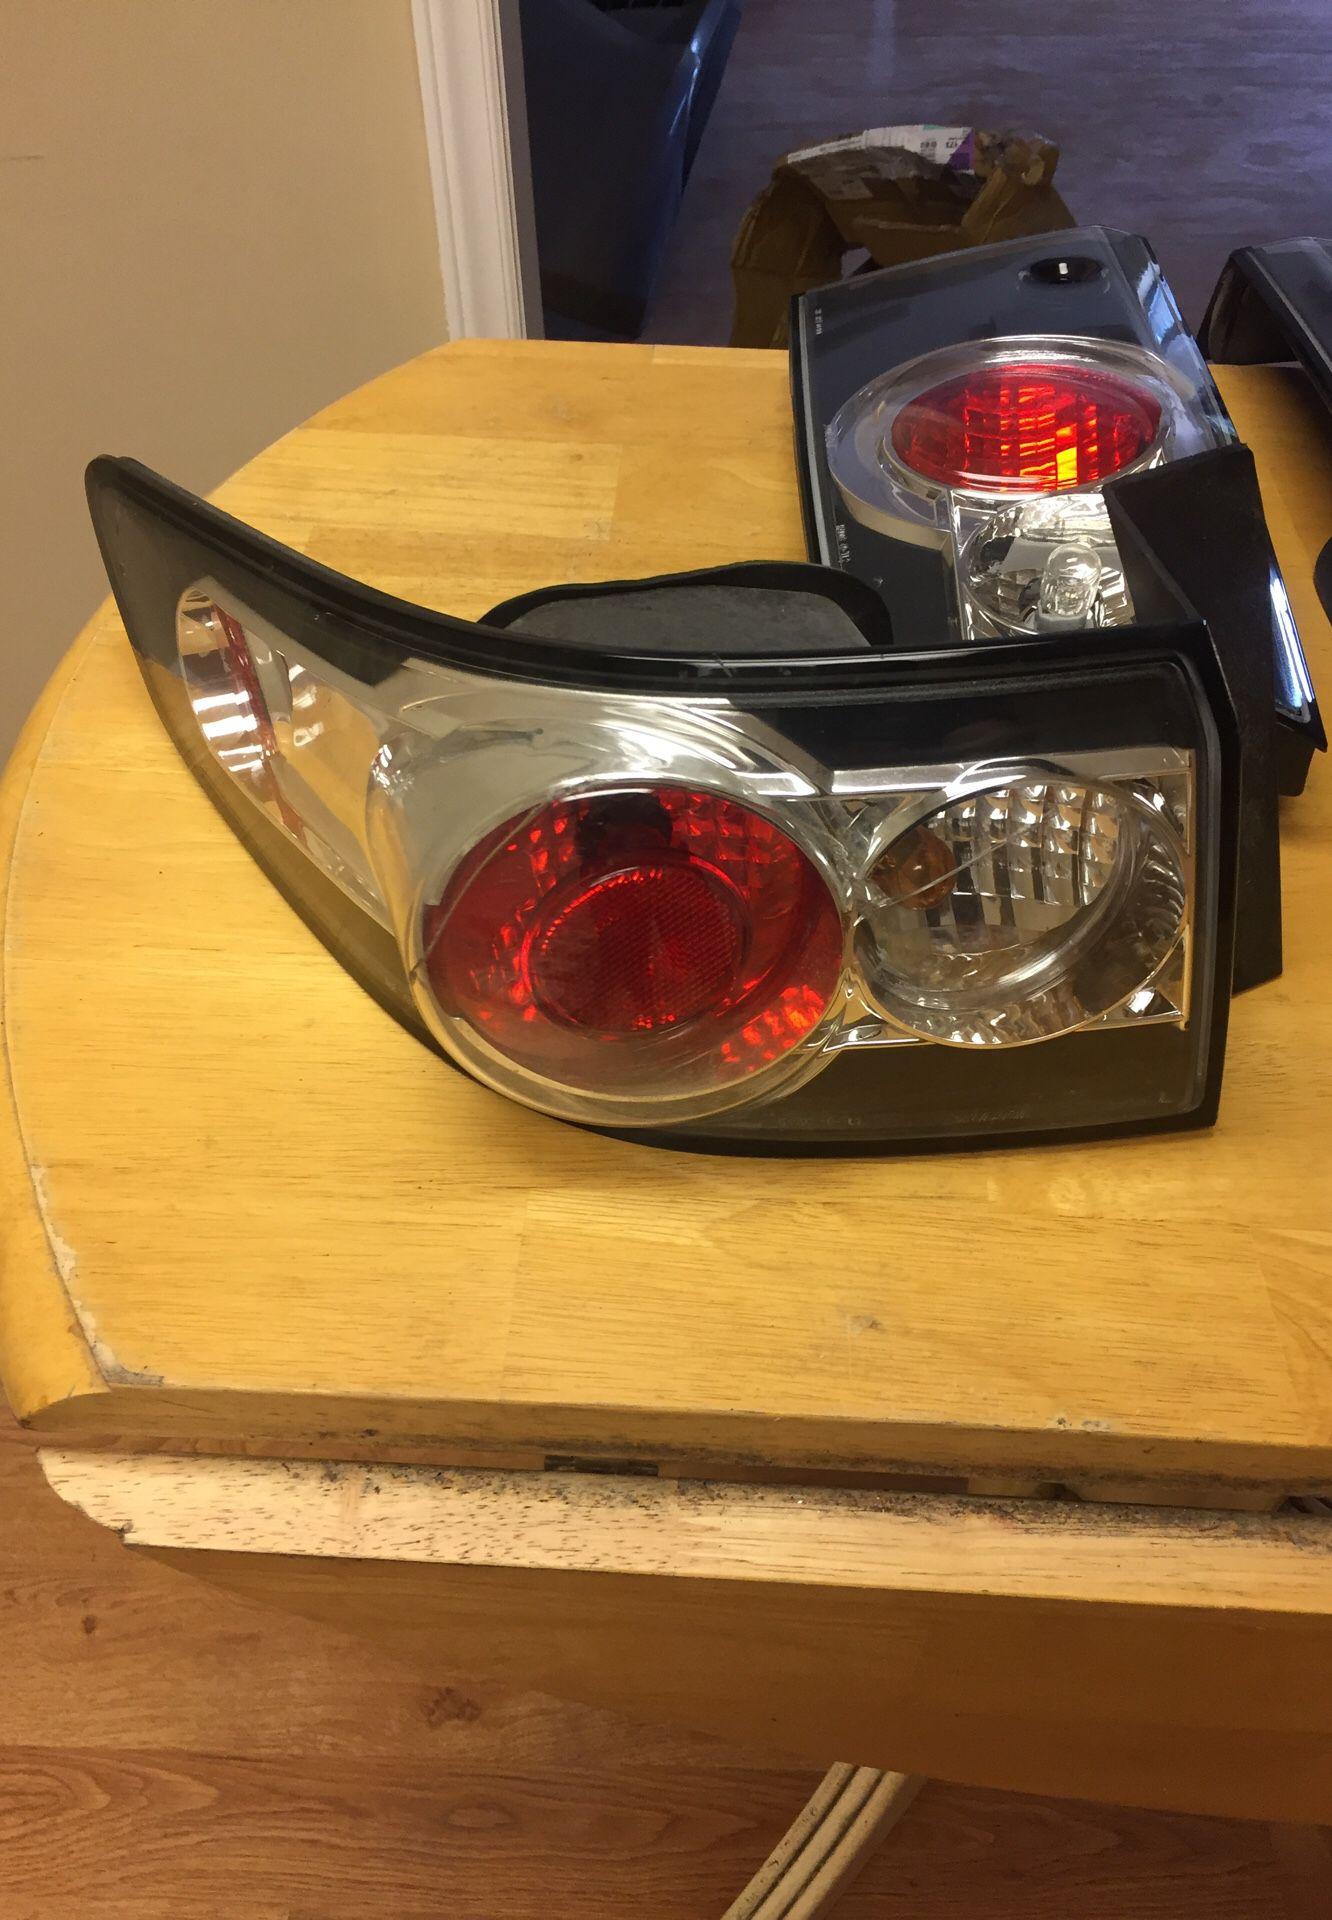 2004 Honda Accord Taillights asking $50